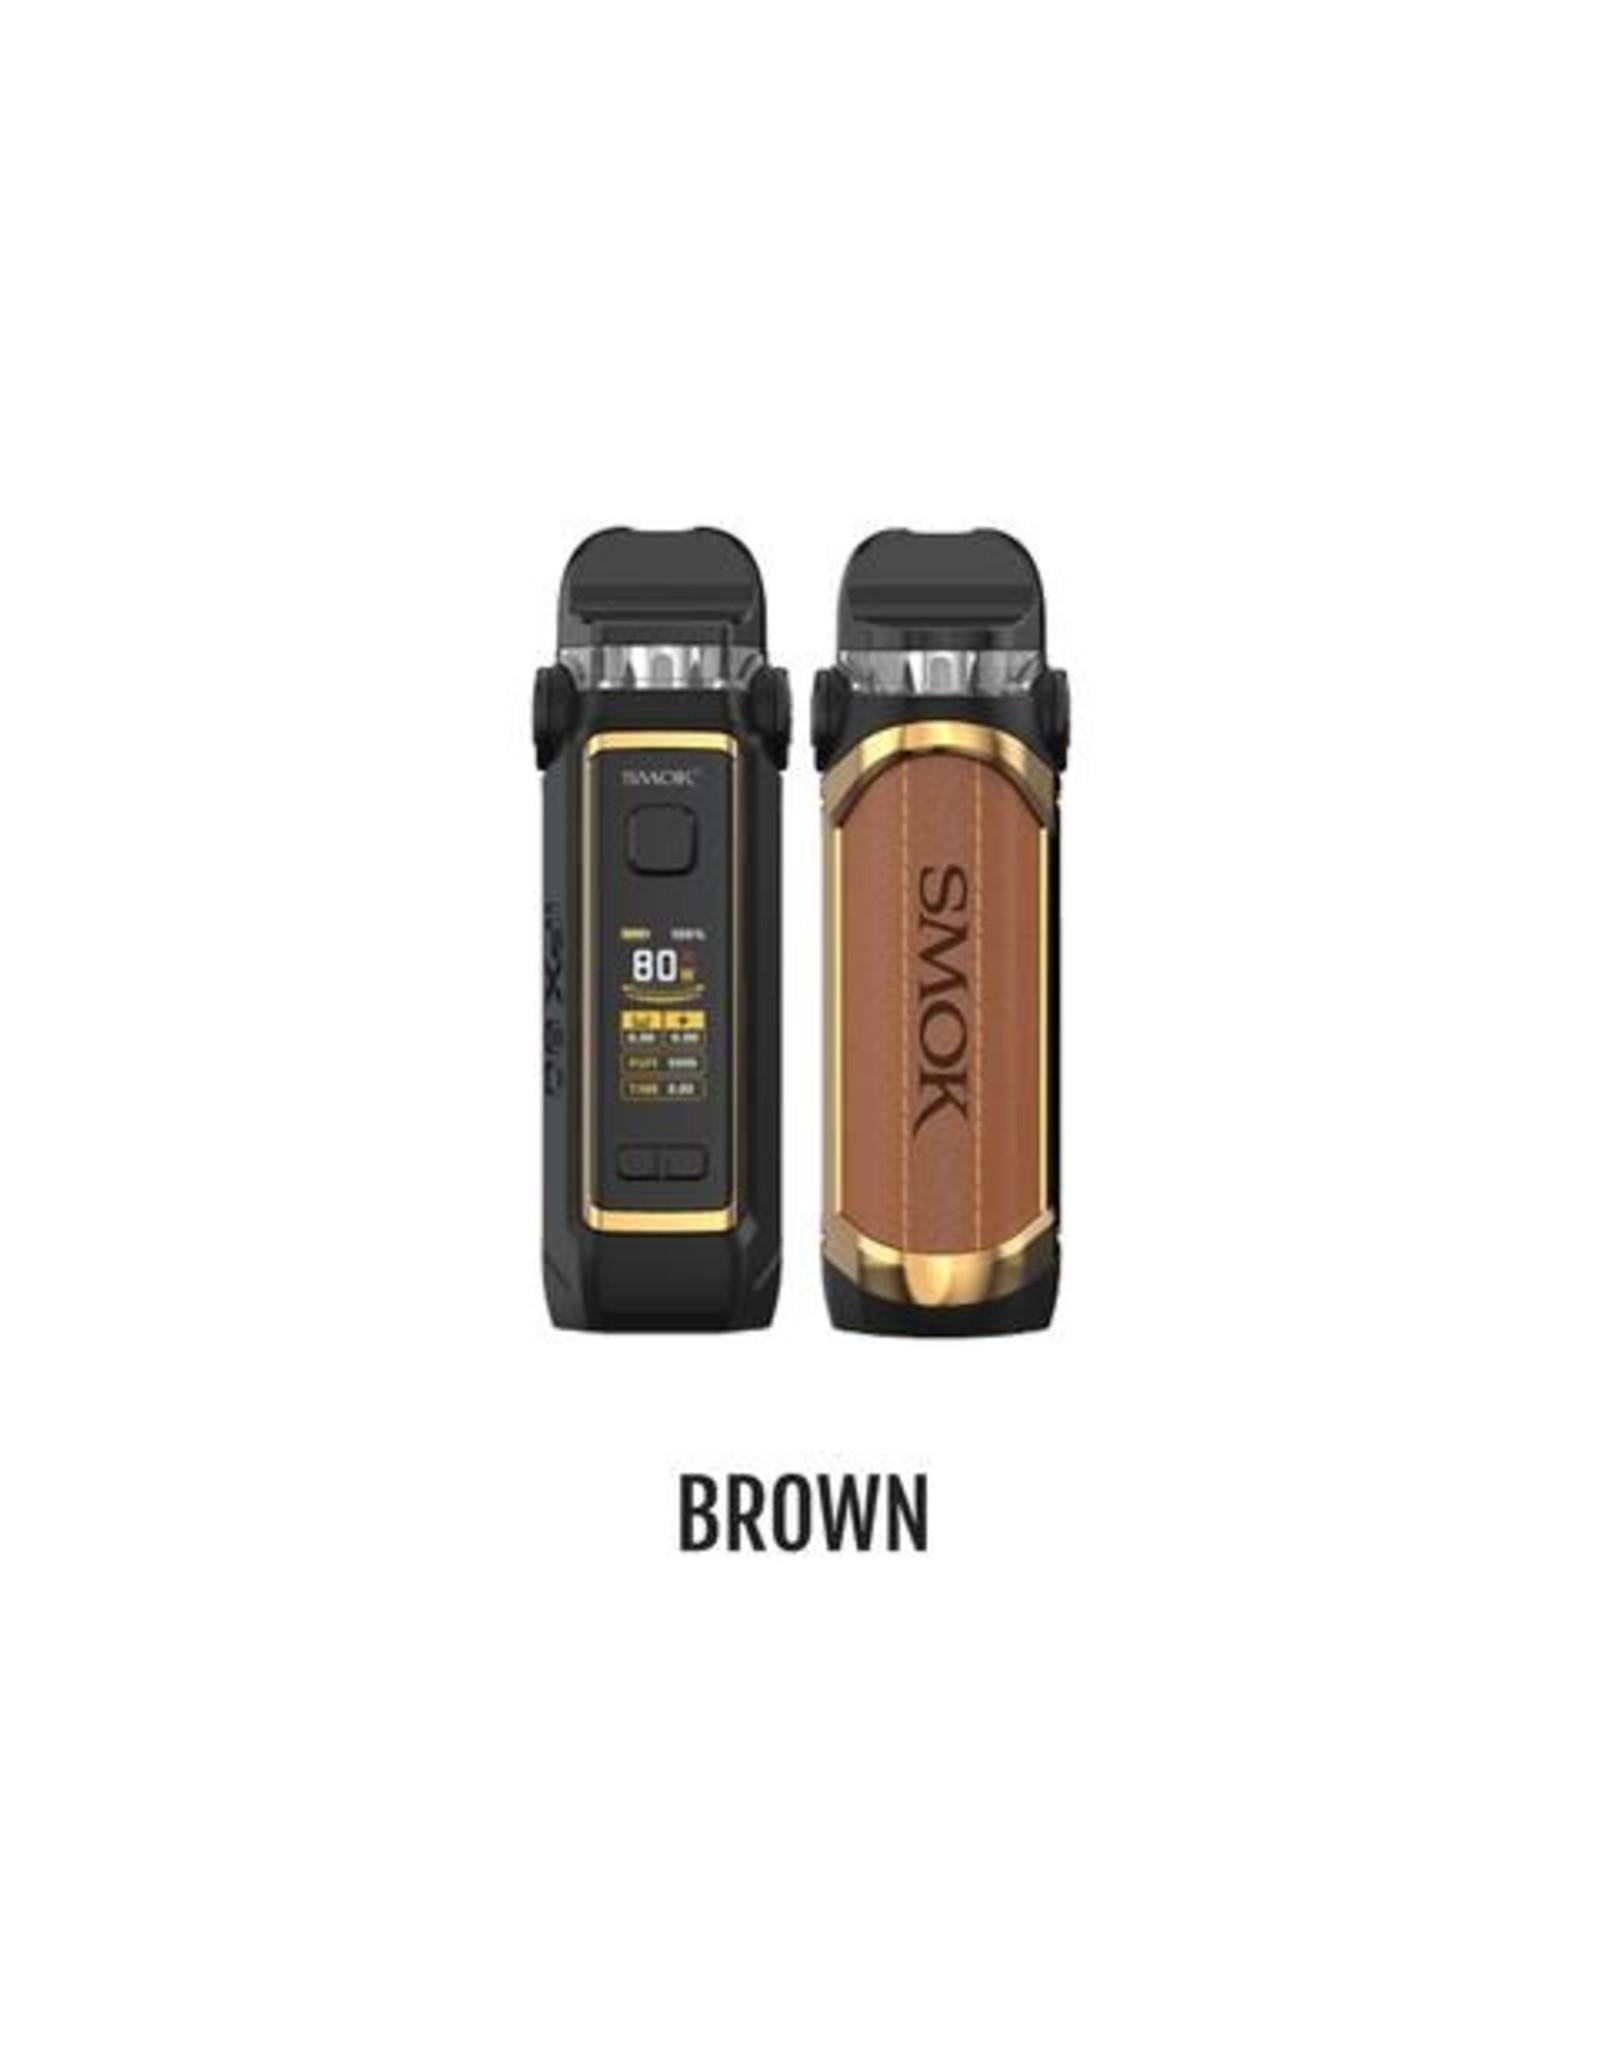 SMOK SMOK IPX 80 Pod Kit